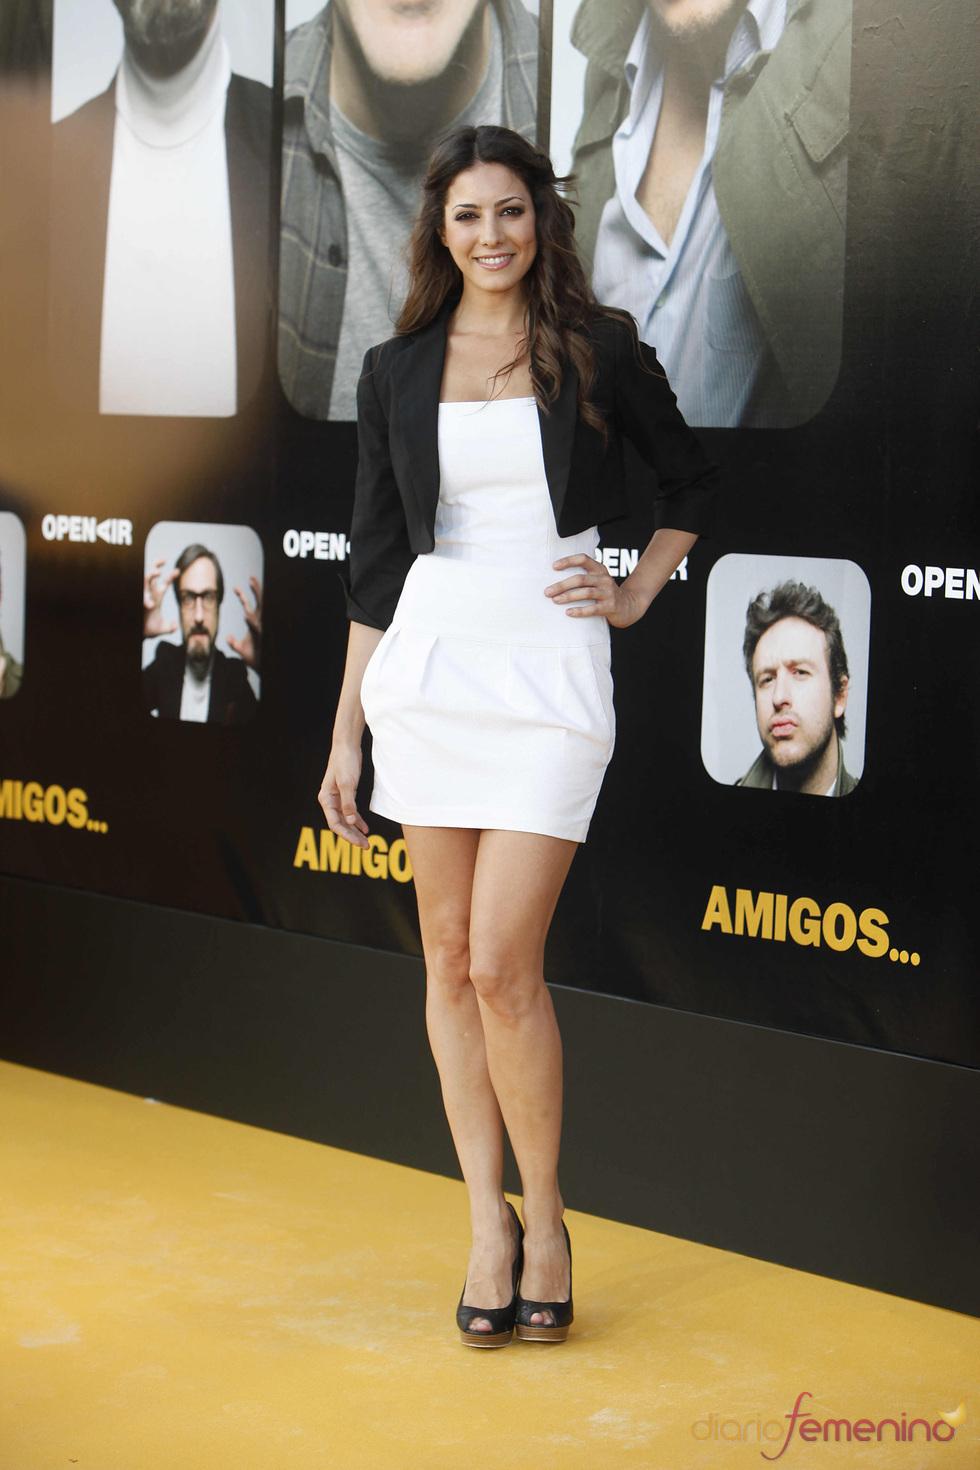 Aroa Gimeno en el estreno de la película 'Amigos'